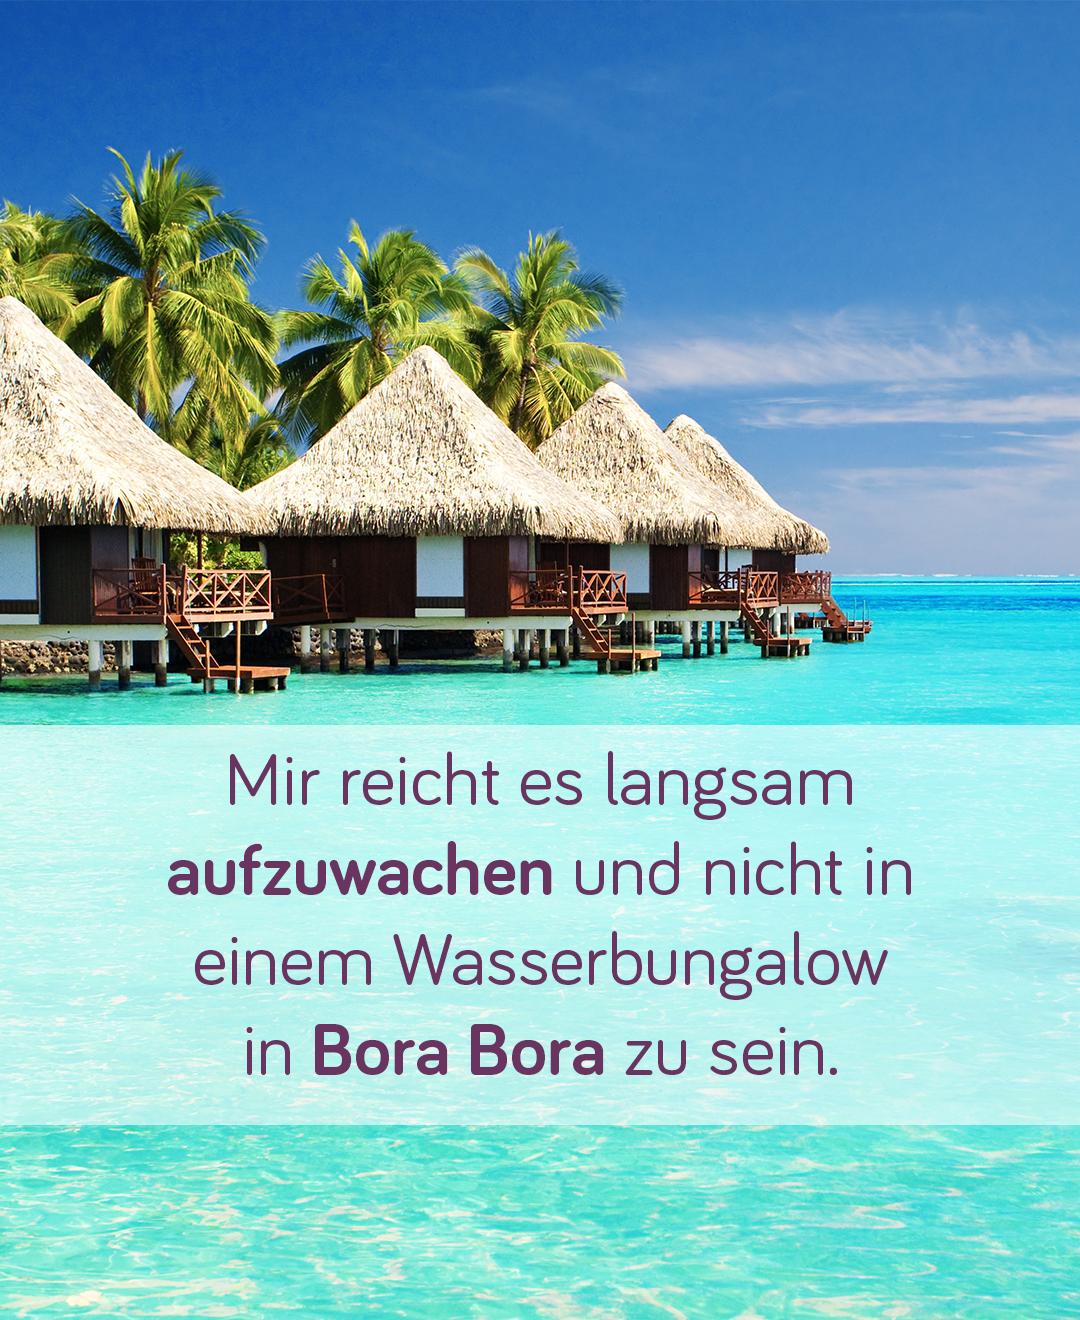 Urlaub Auf Bora Bora Gunstiger Urlaub Auf Der Trauminsel Wasserbungalow Bora Bora Gunstig Urlaub Machen